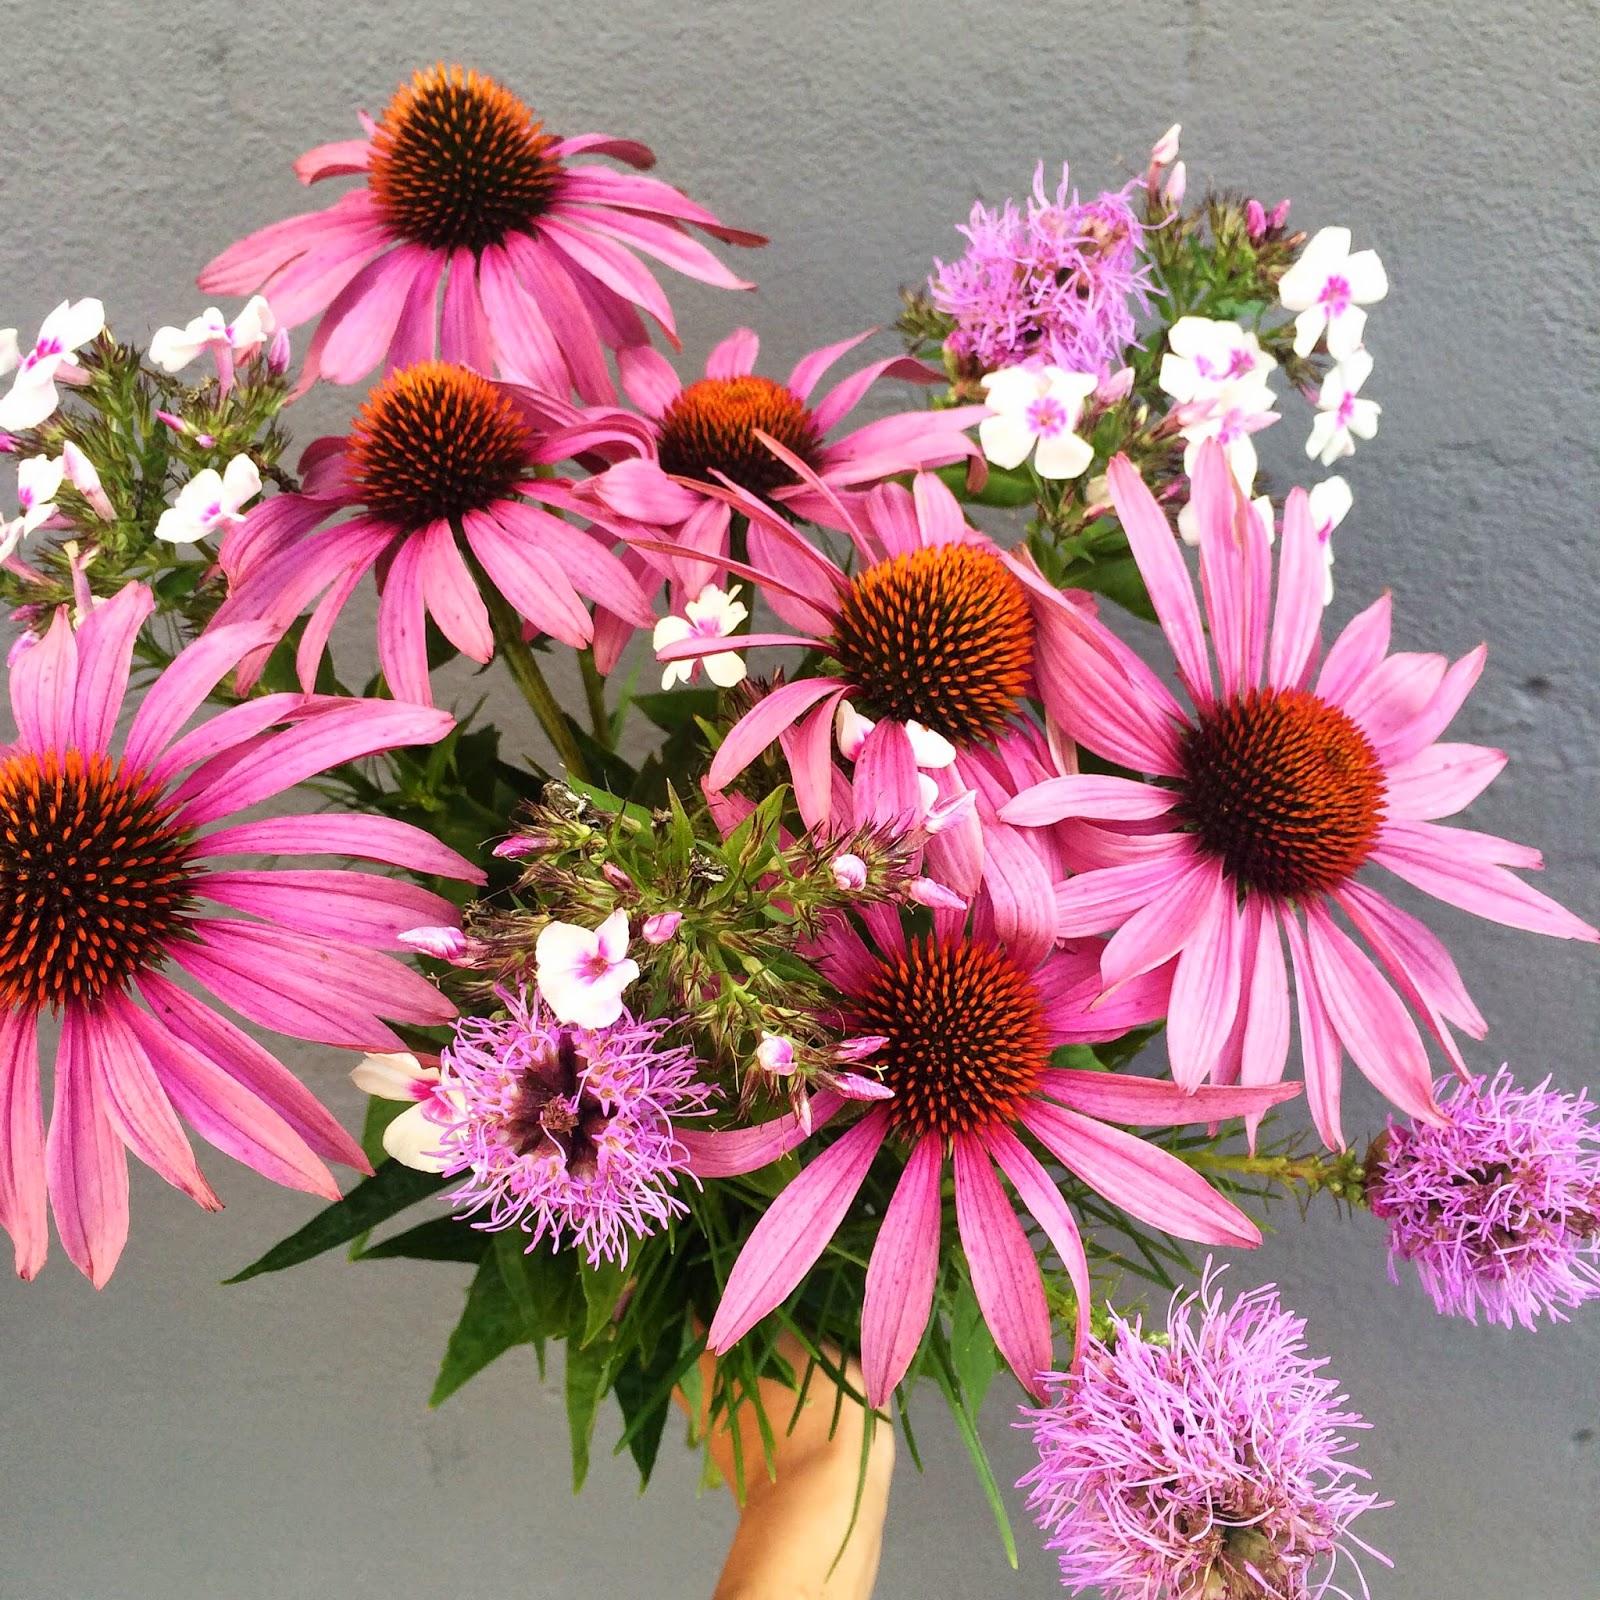 pink garden rustic flowers